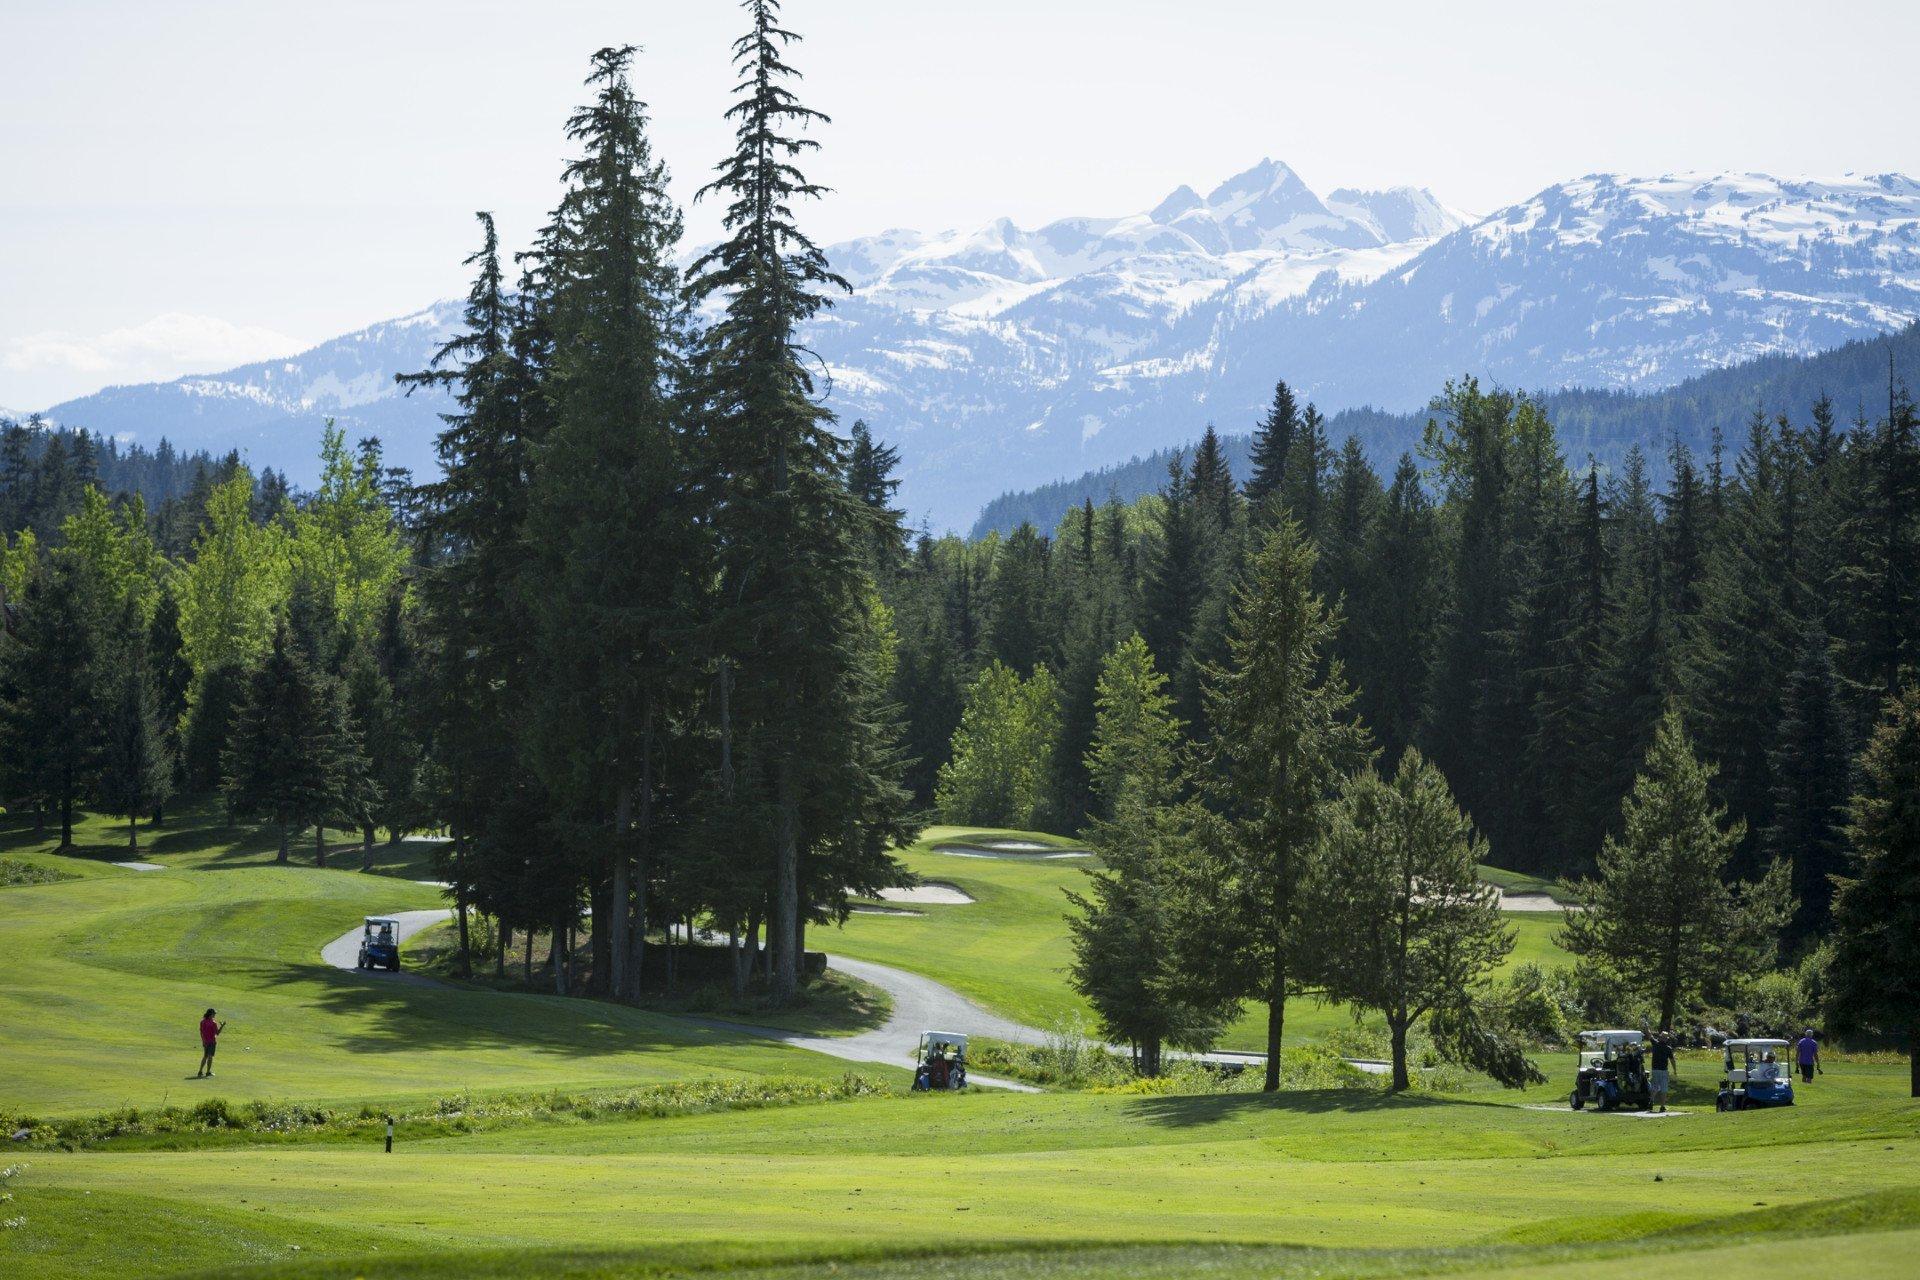 Golfing in Whistler area 2019